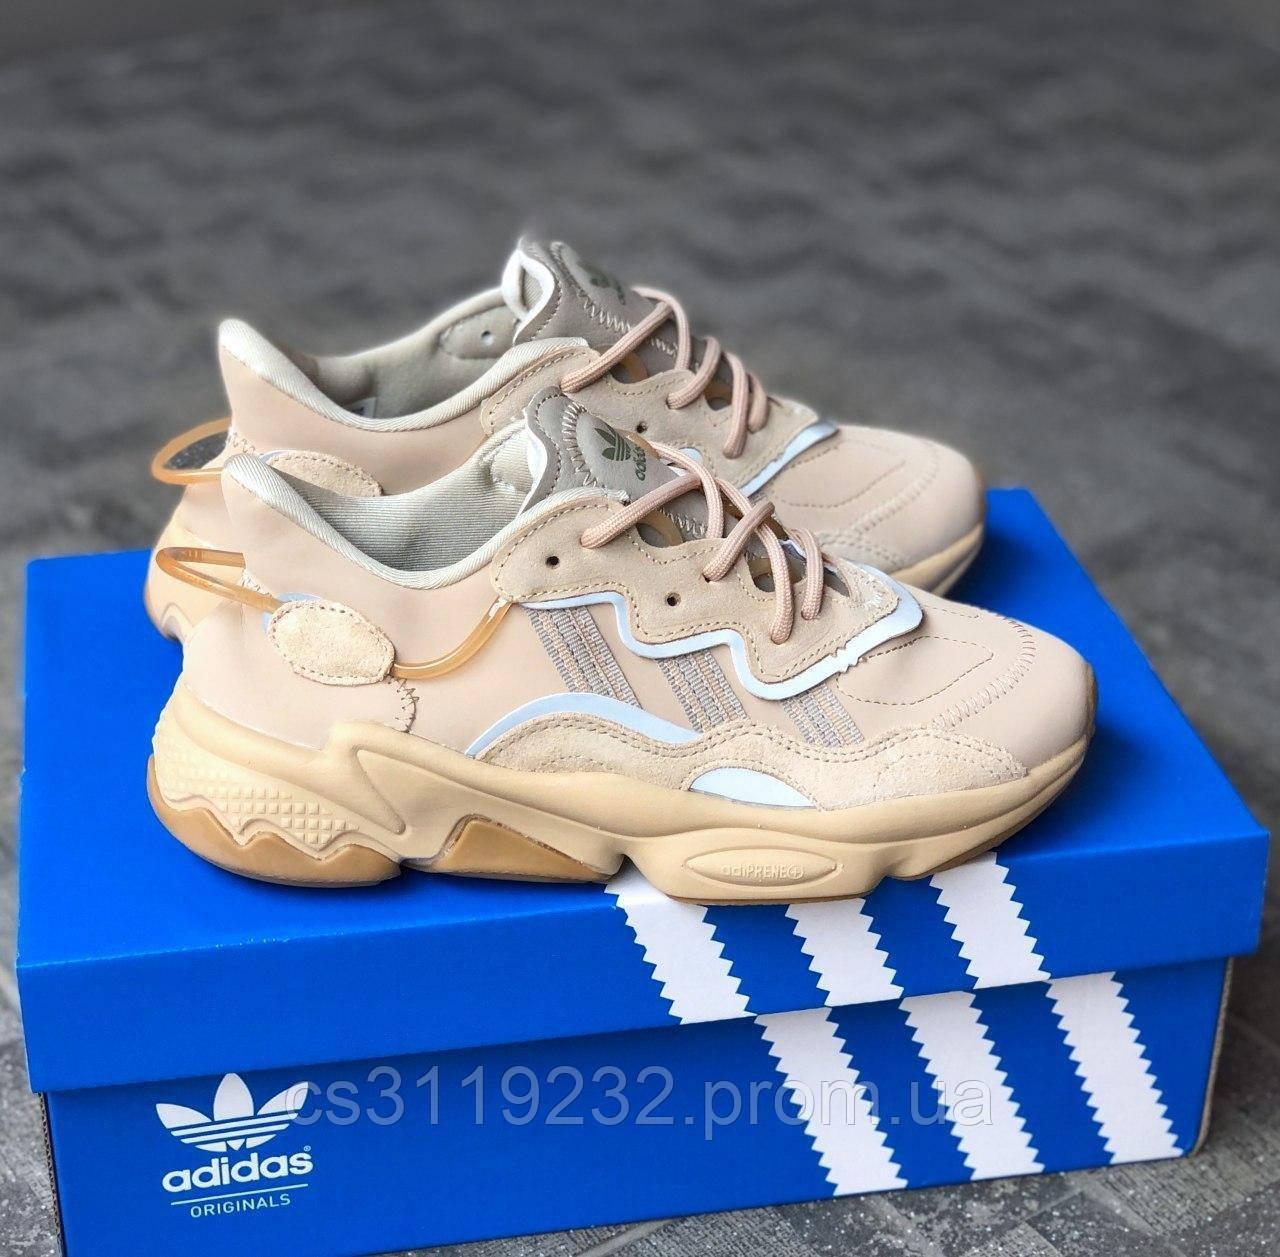 Женские кроссовки Adidas Ozweego Beige (кремовые)